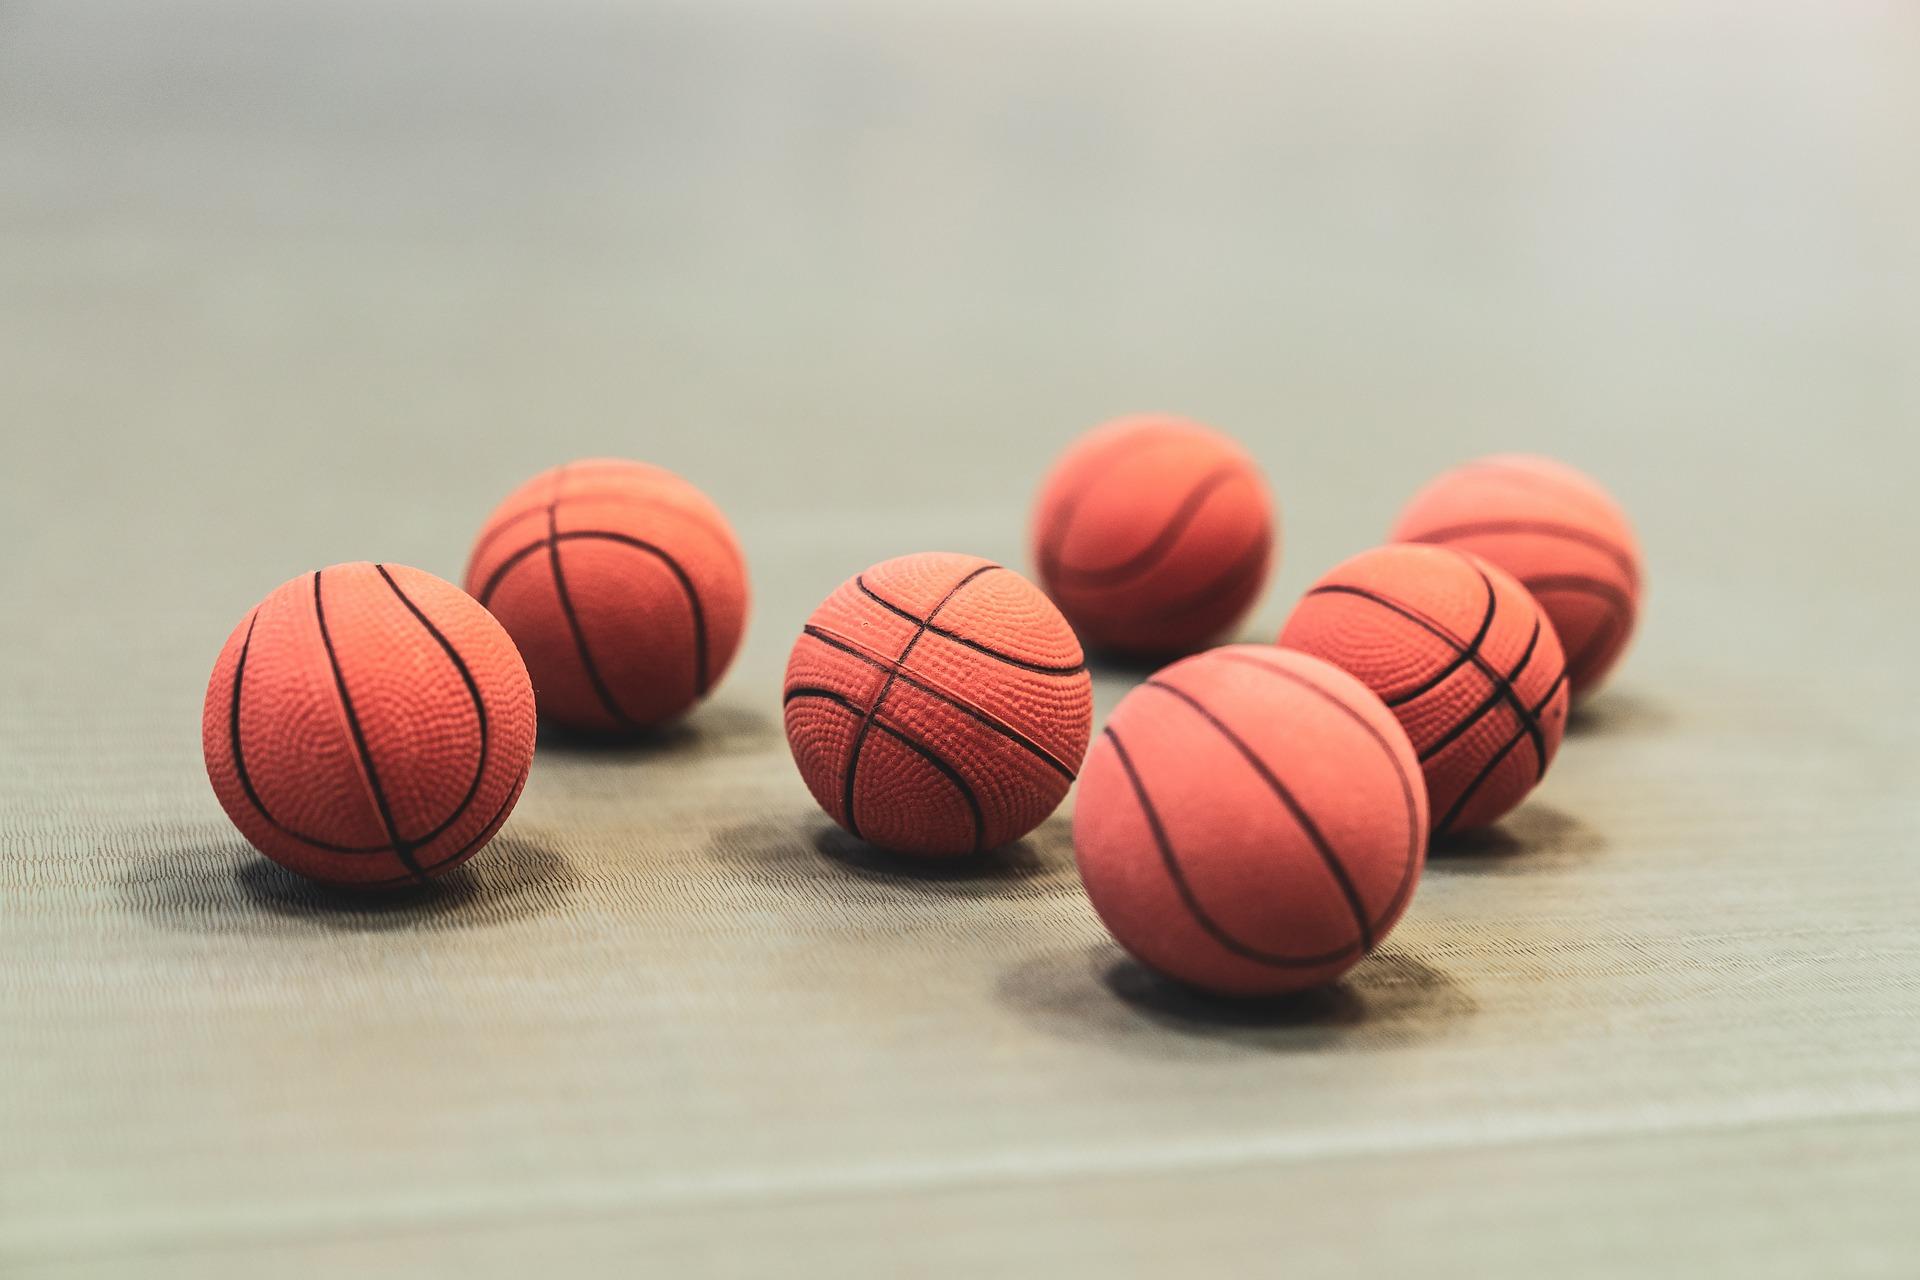 Mondial de basket : pourquoi l'équipe américaine a-t-elle perdu au début du siècle ?